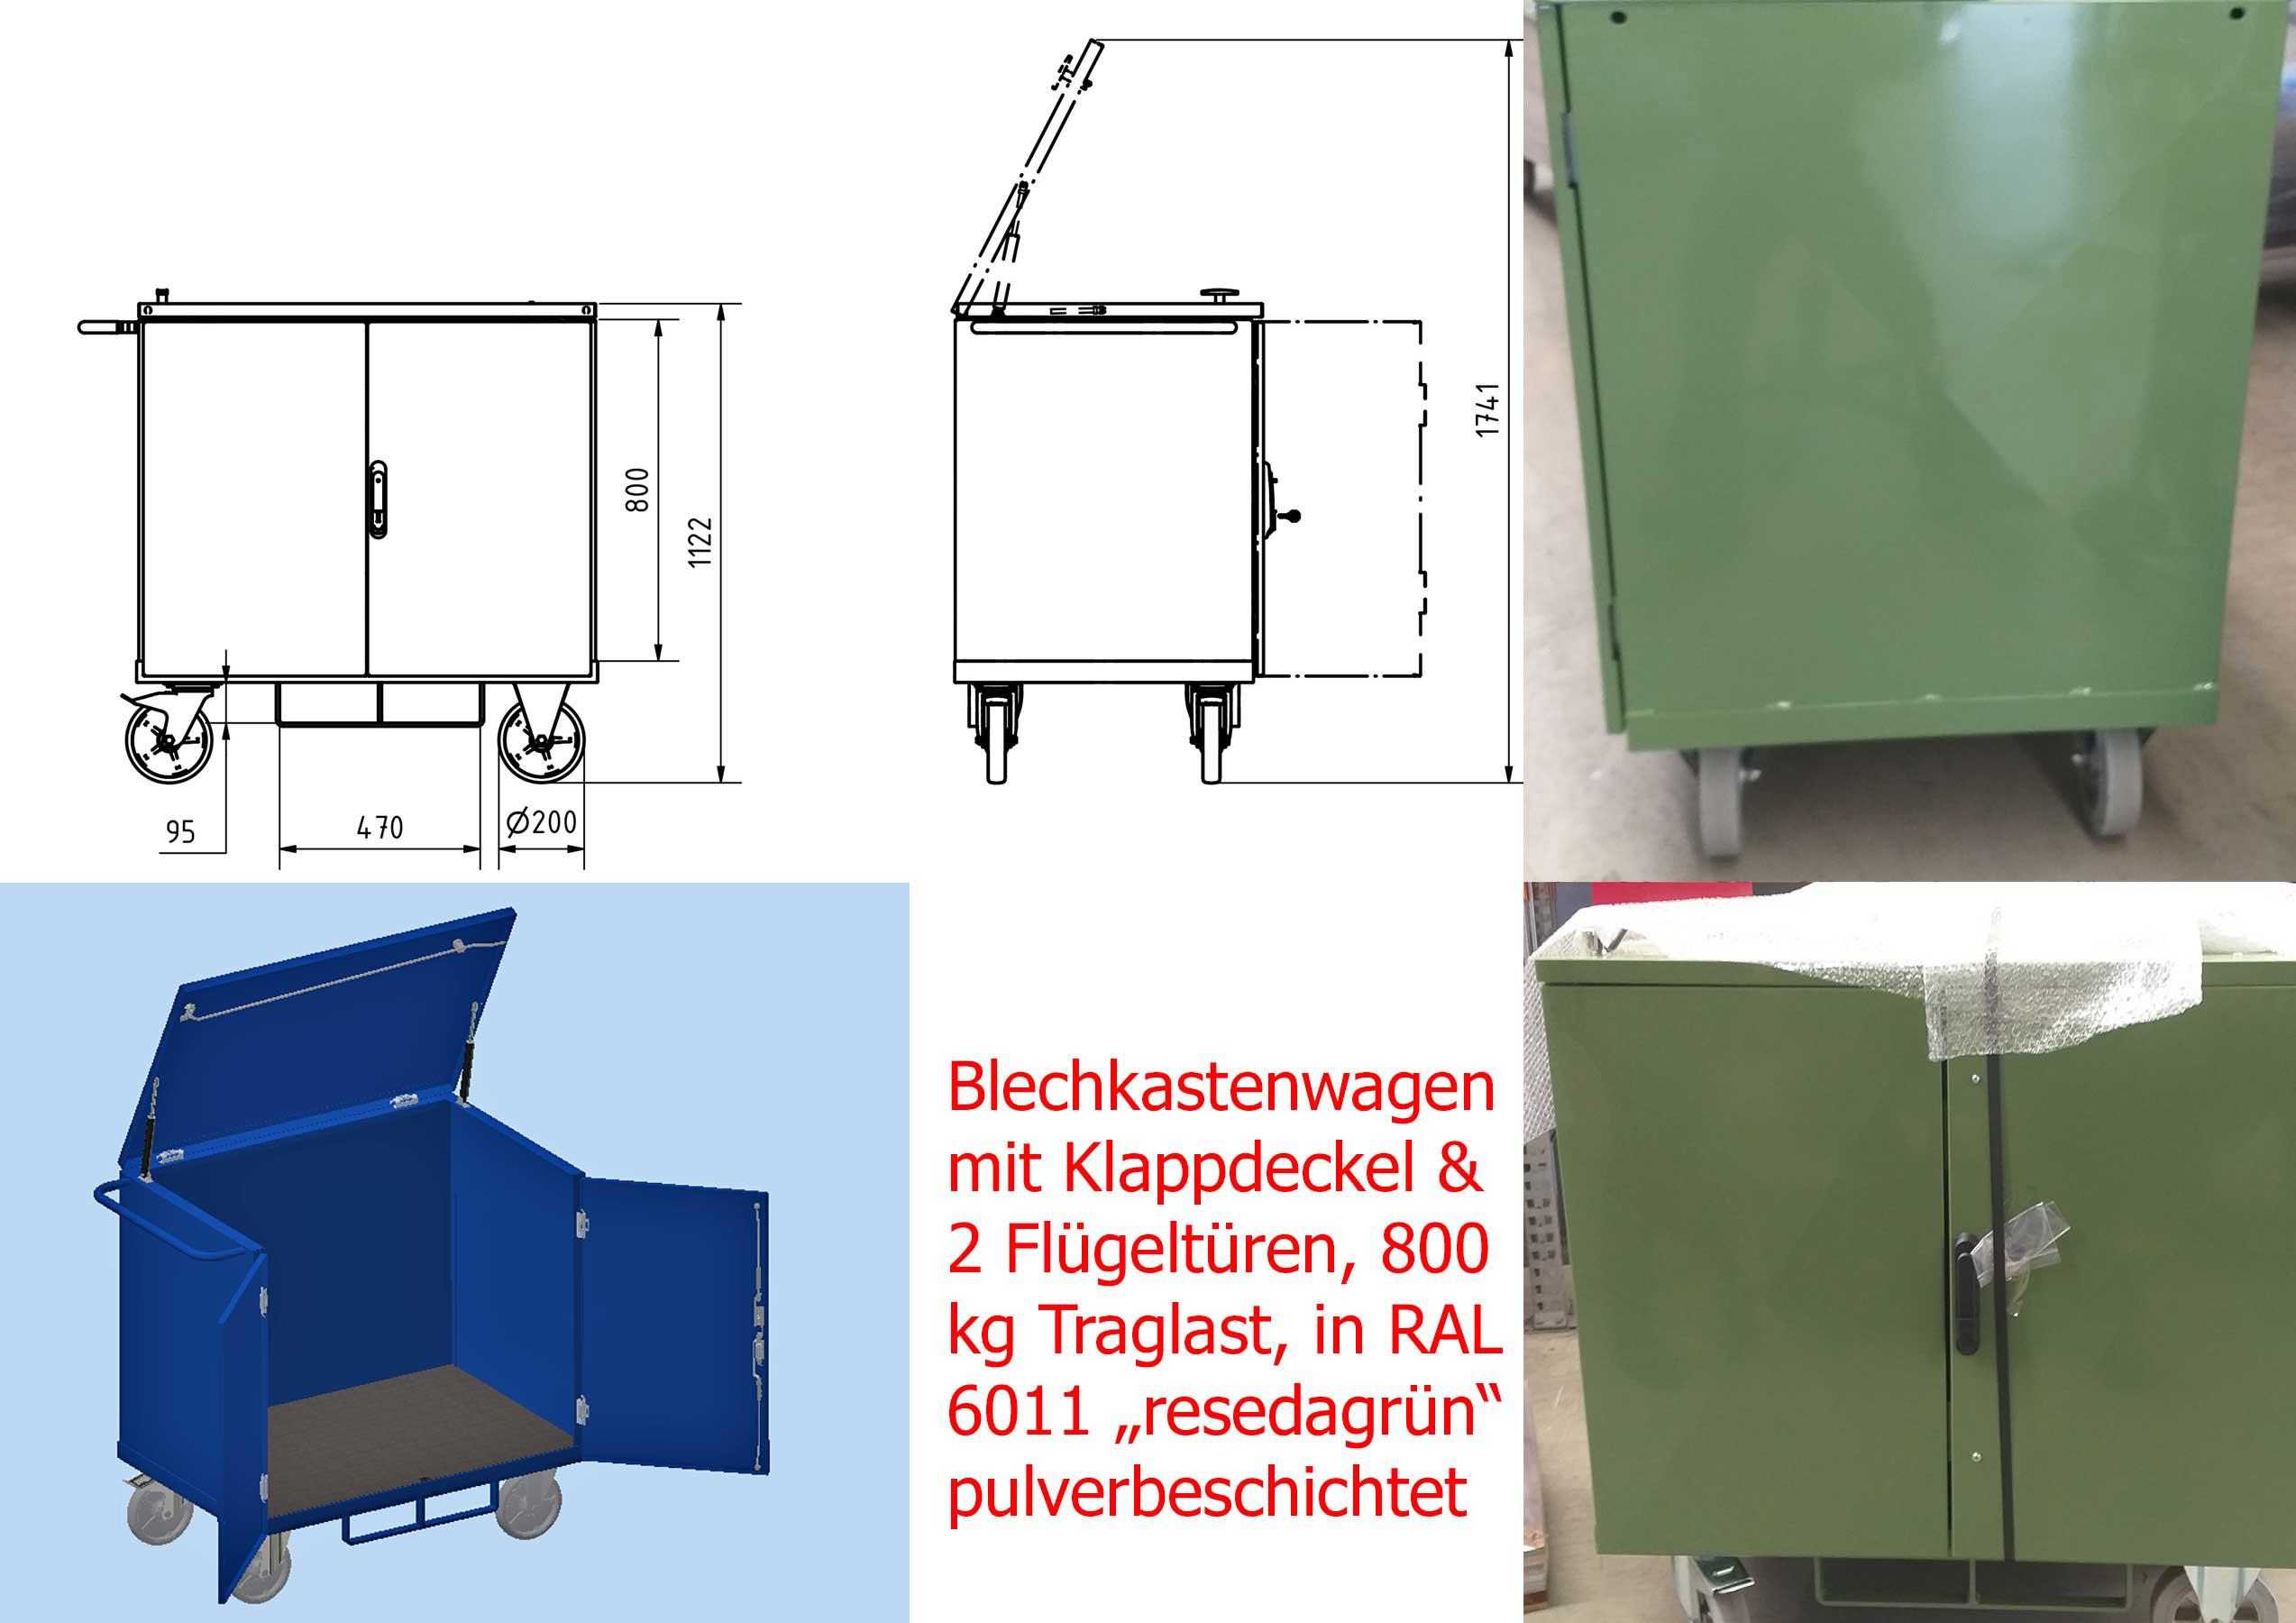 Blechkastenwagen mit 2 Flügeltüren und Klappdeckel, Ladefläche 1050 mm x 700 mm im Lichten, RAL 6011 resedagrün gepulvert